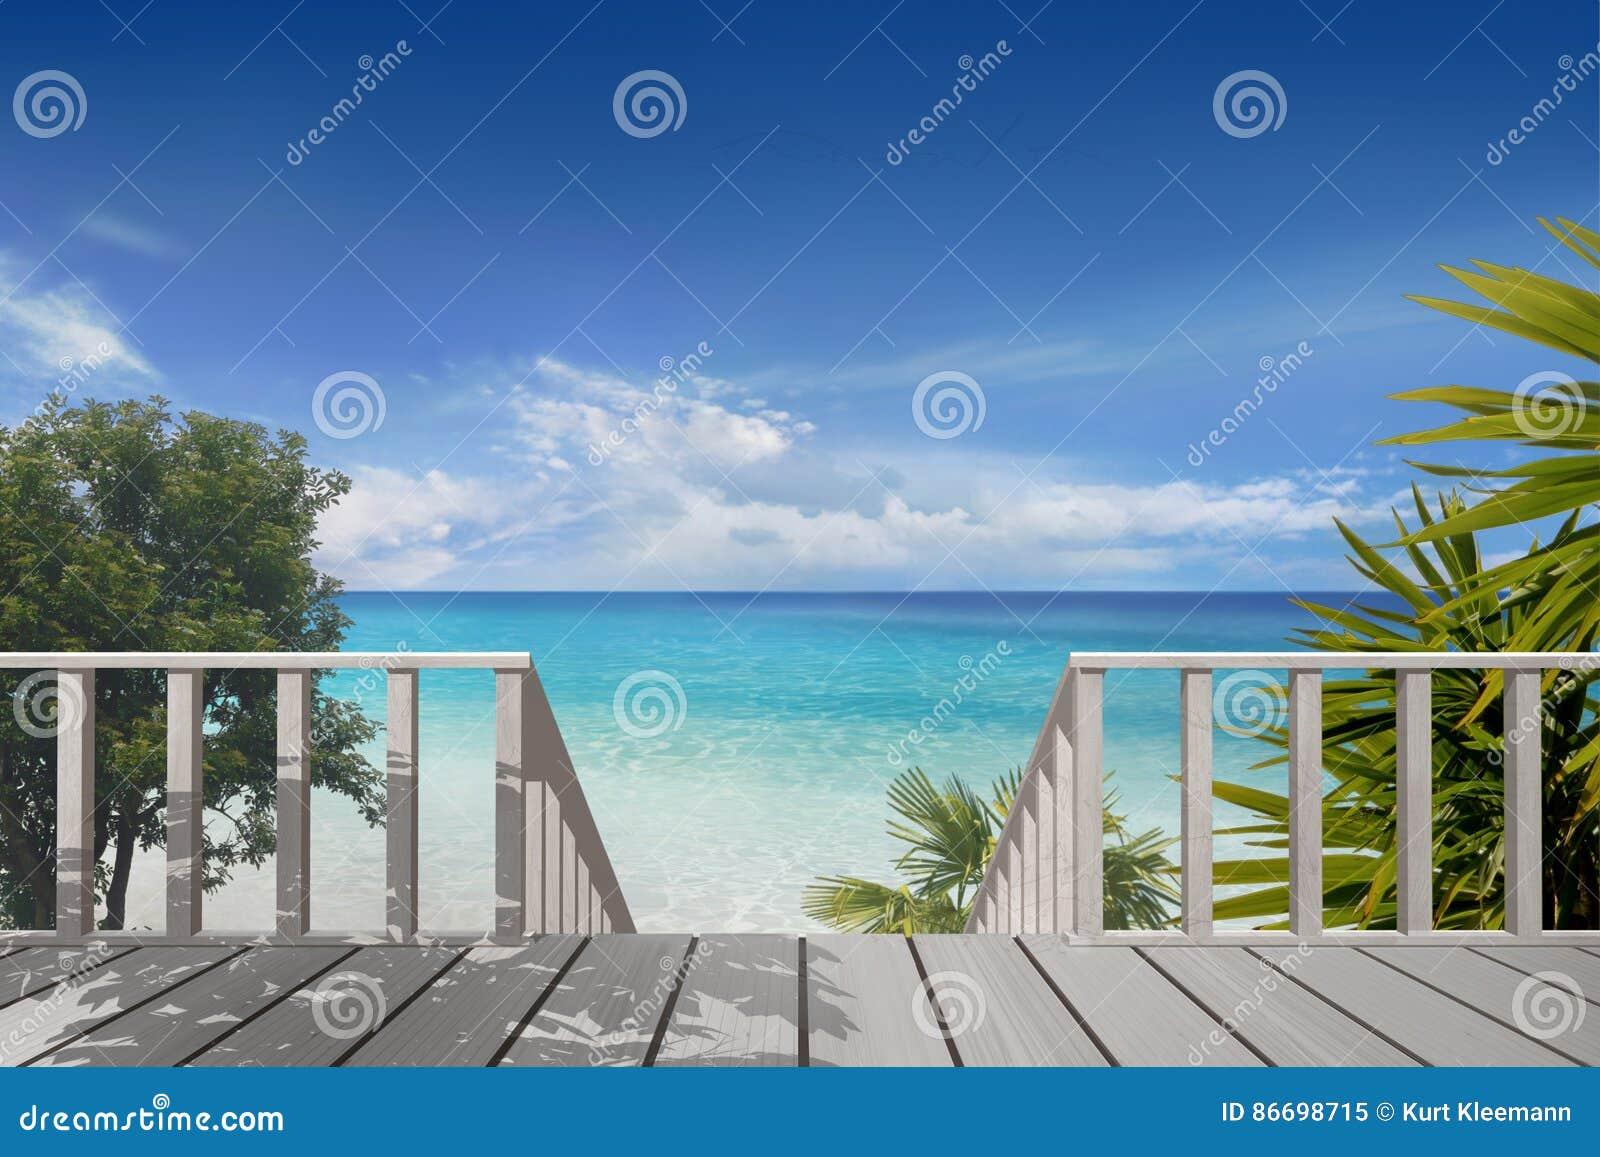 Μπαλκόνι σε μια παραλία